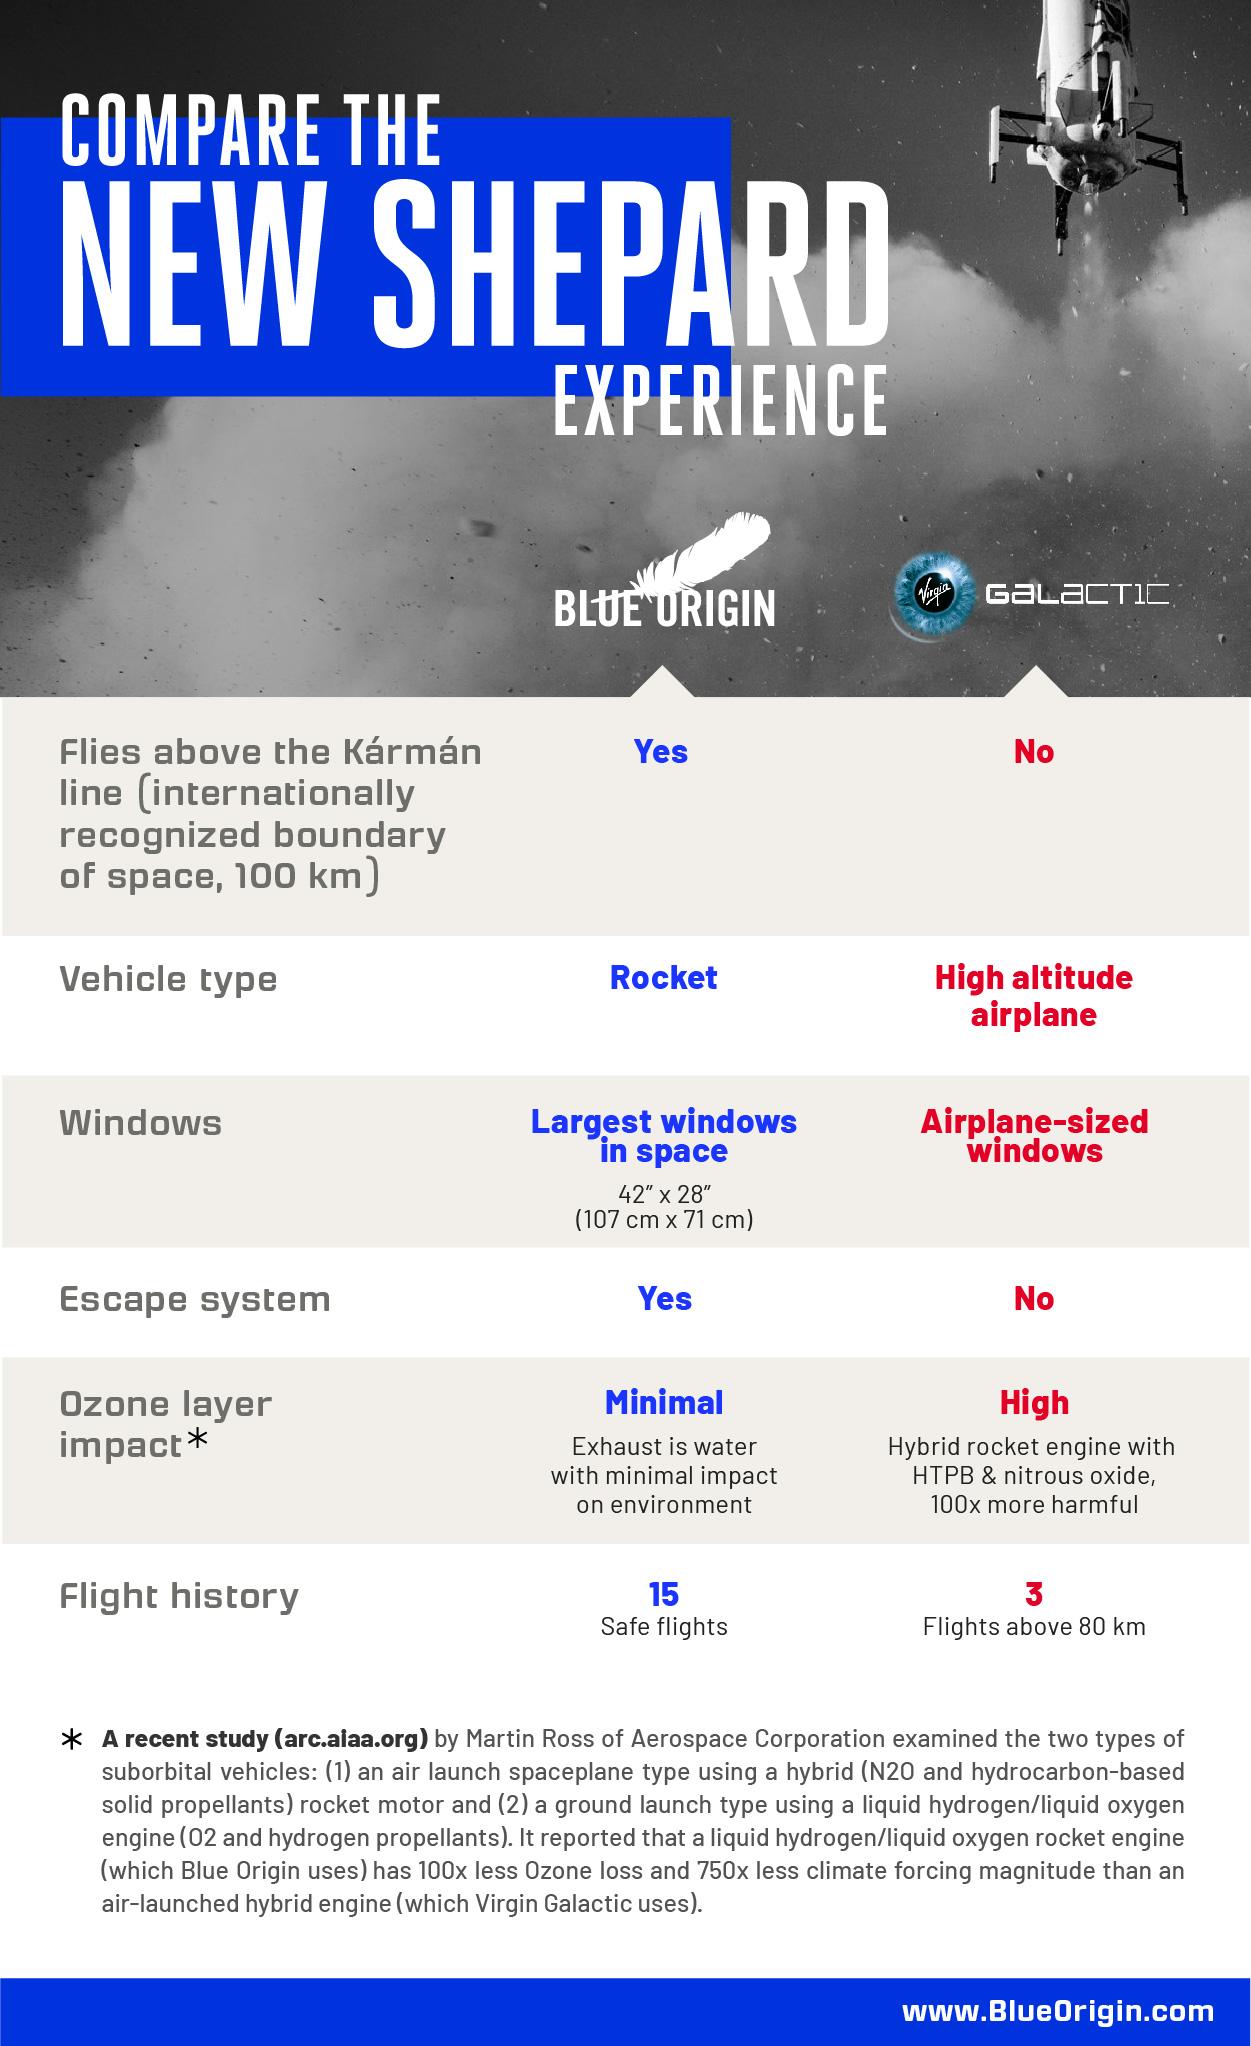 Comparativo entre a Blue Origin de Jeff Bezos e a Virgin Galactic, de Richard Branson, publicado pela Blue Origin no Twitter. Foto: Blue Origin.